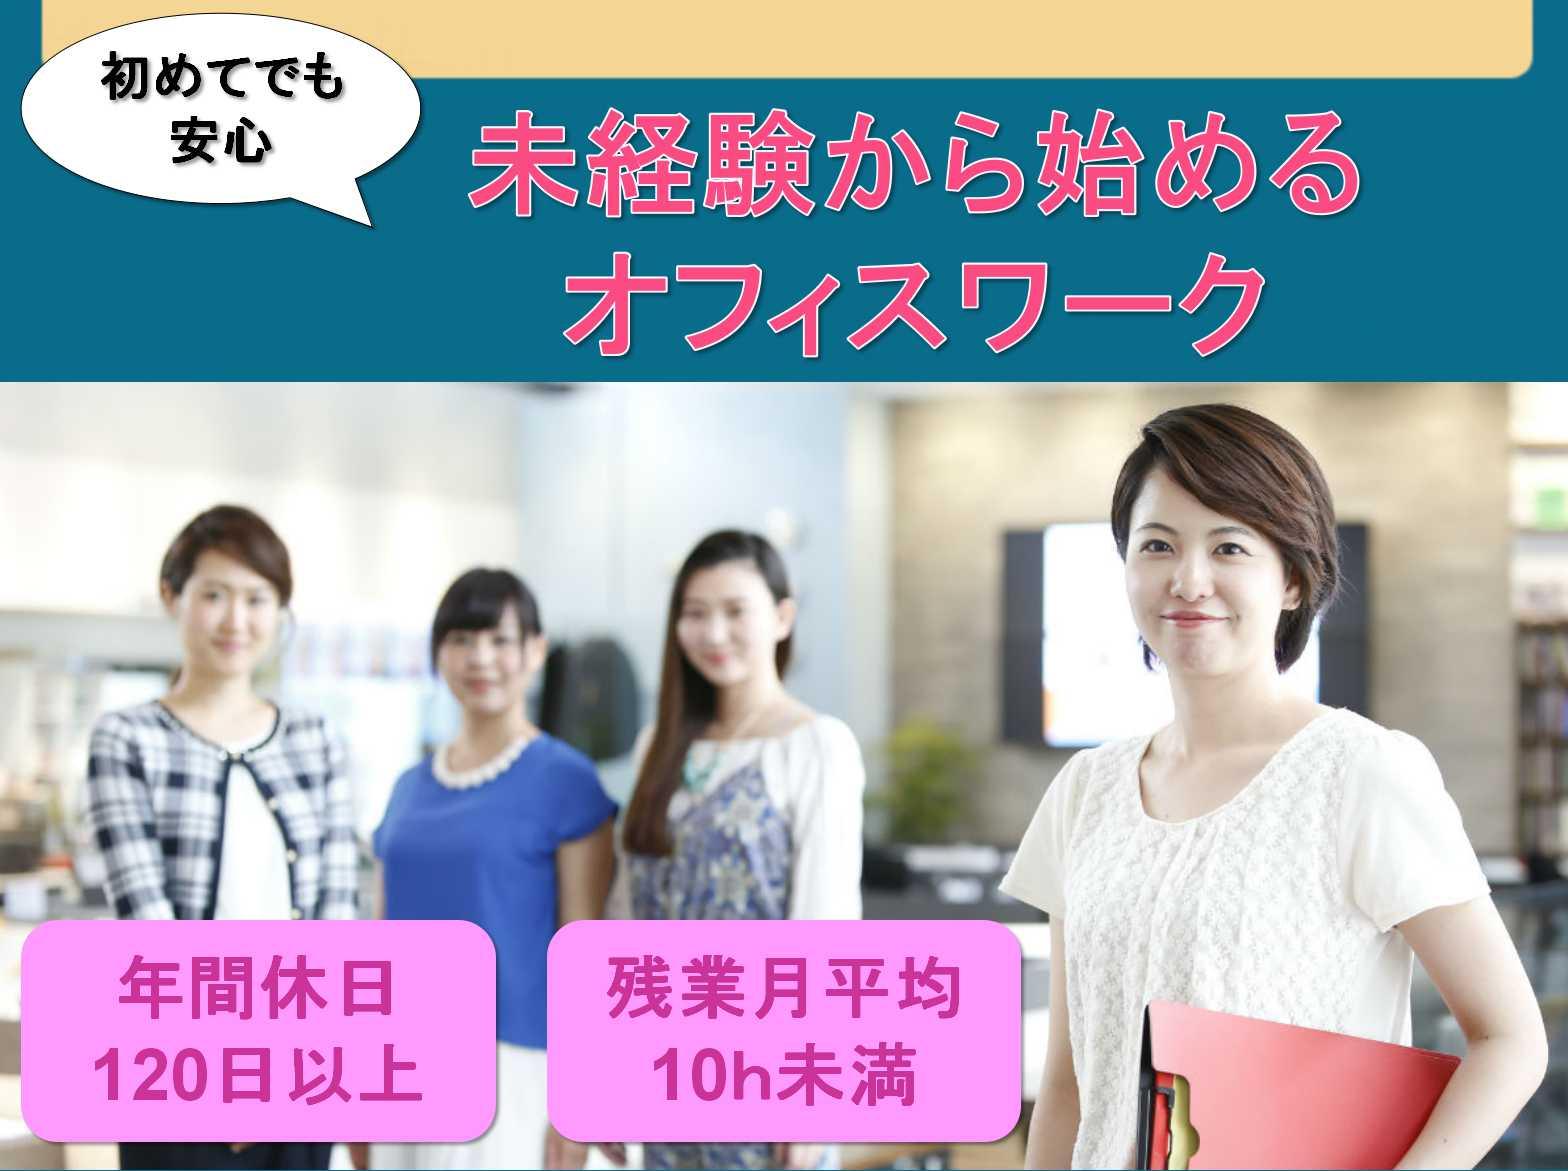 【正社員】未経験歓迎☆年間休日120日以上☆オフィスワーク☆ イメージ